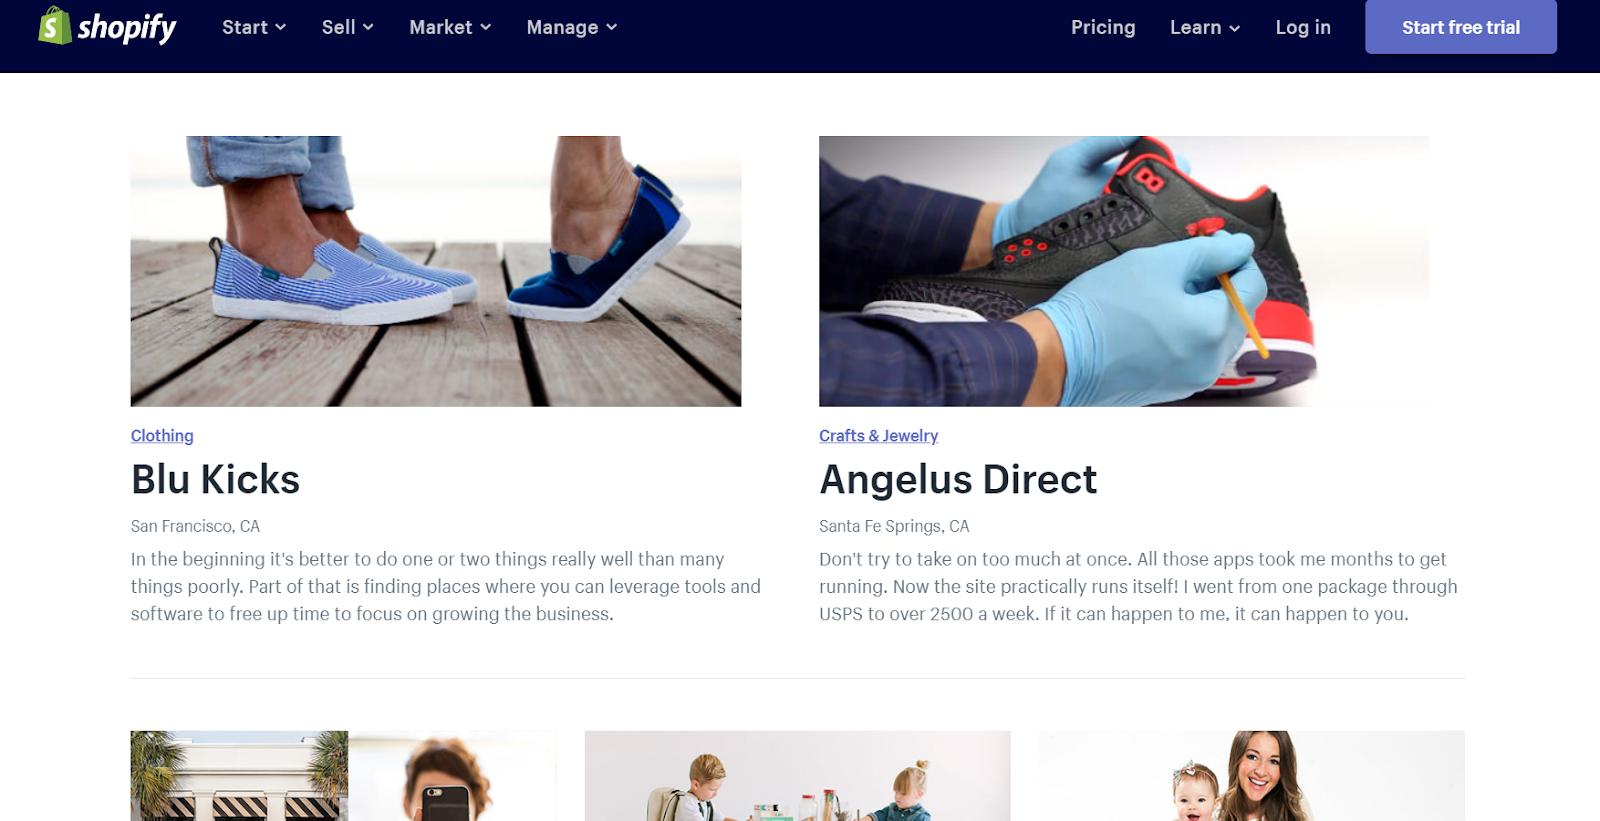 Shopify Testimonial Page